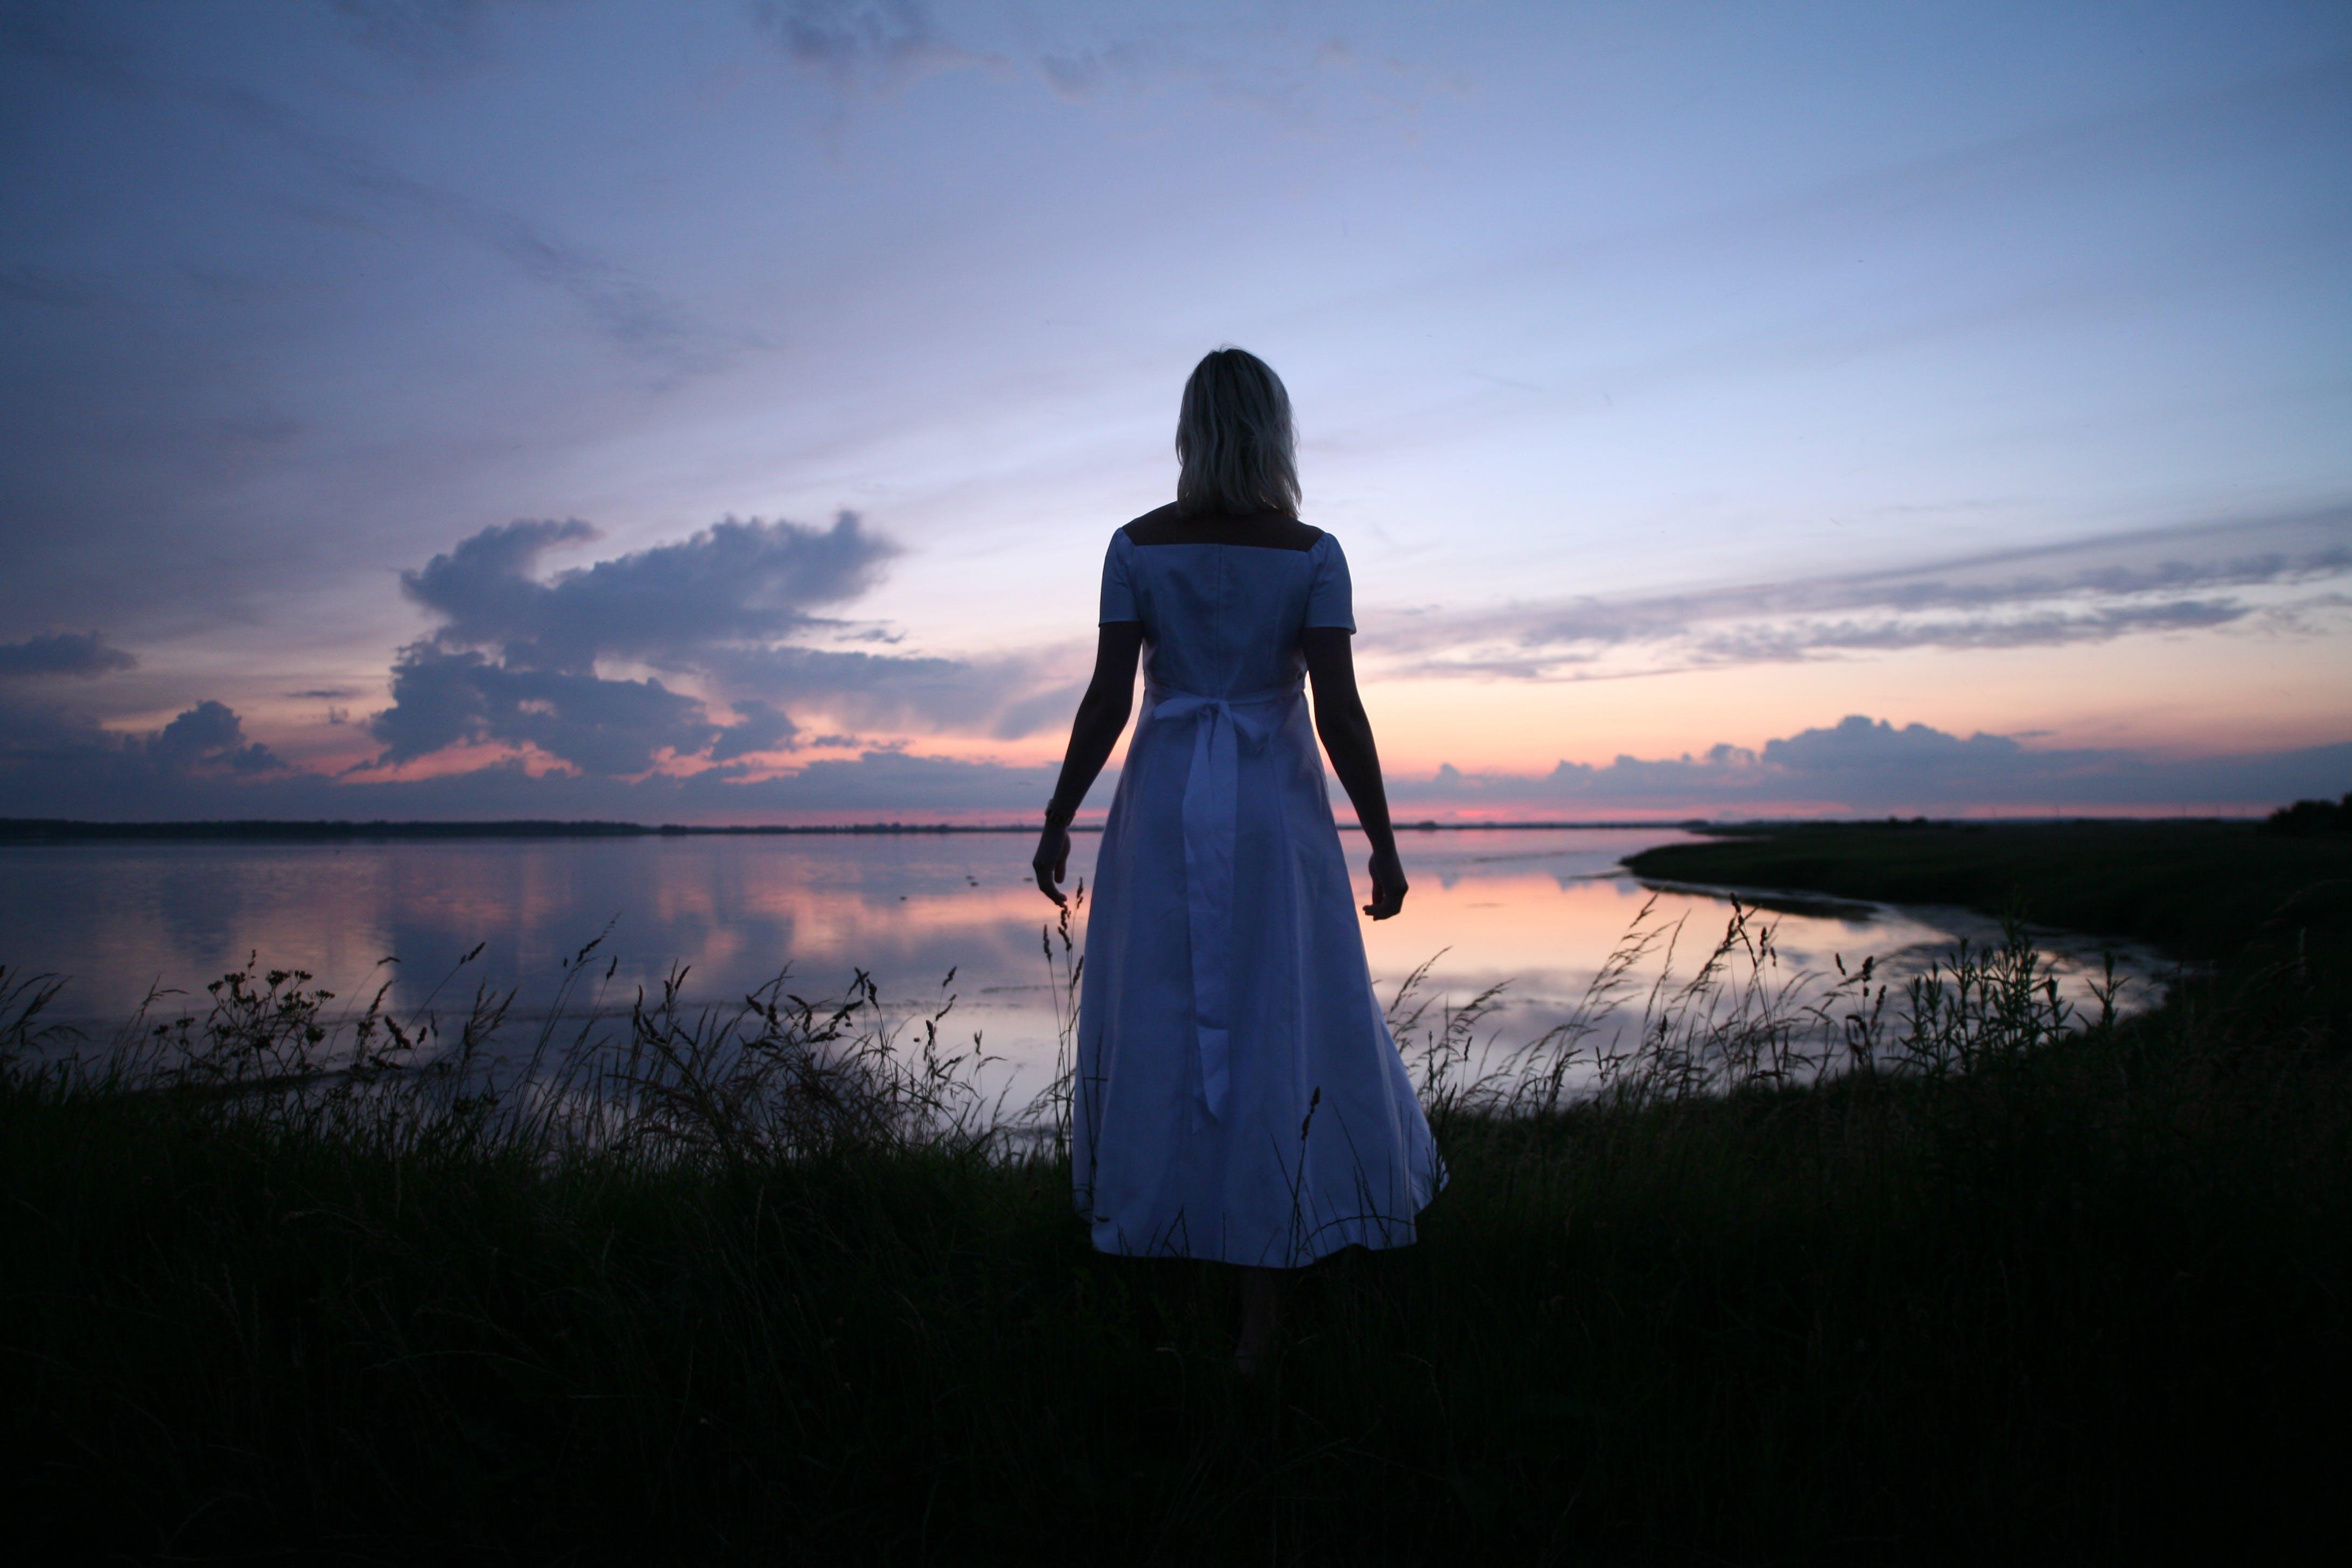 Women's in White Dress Near Body of Water